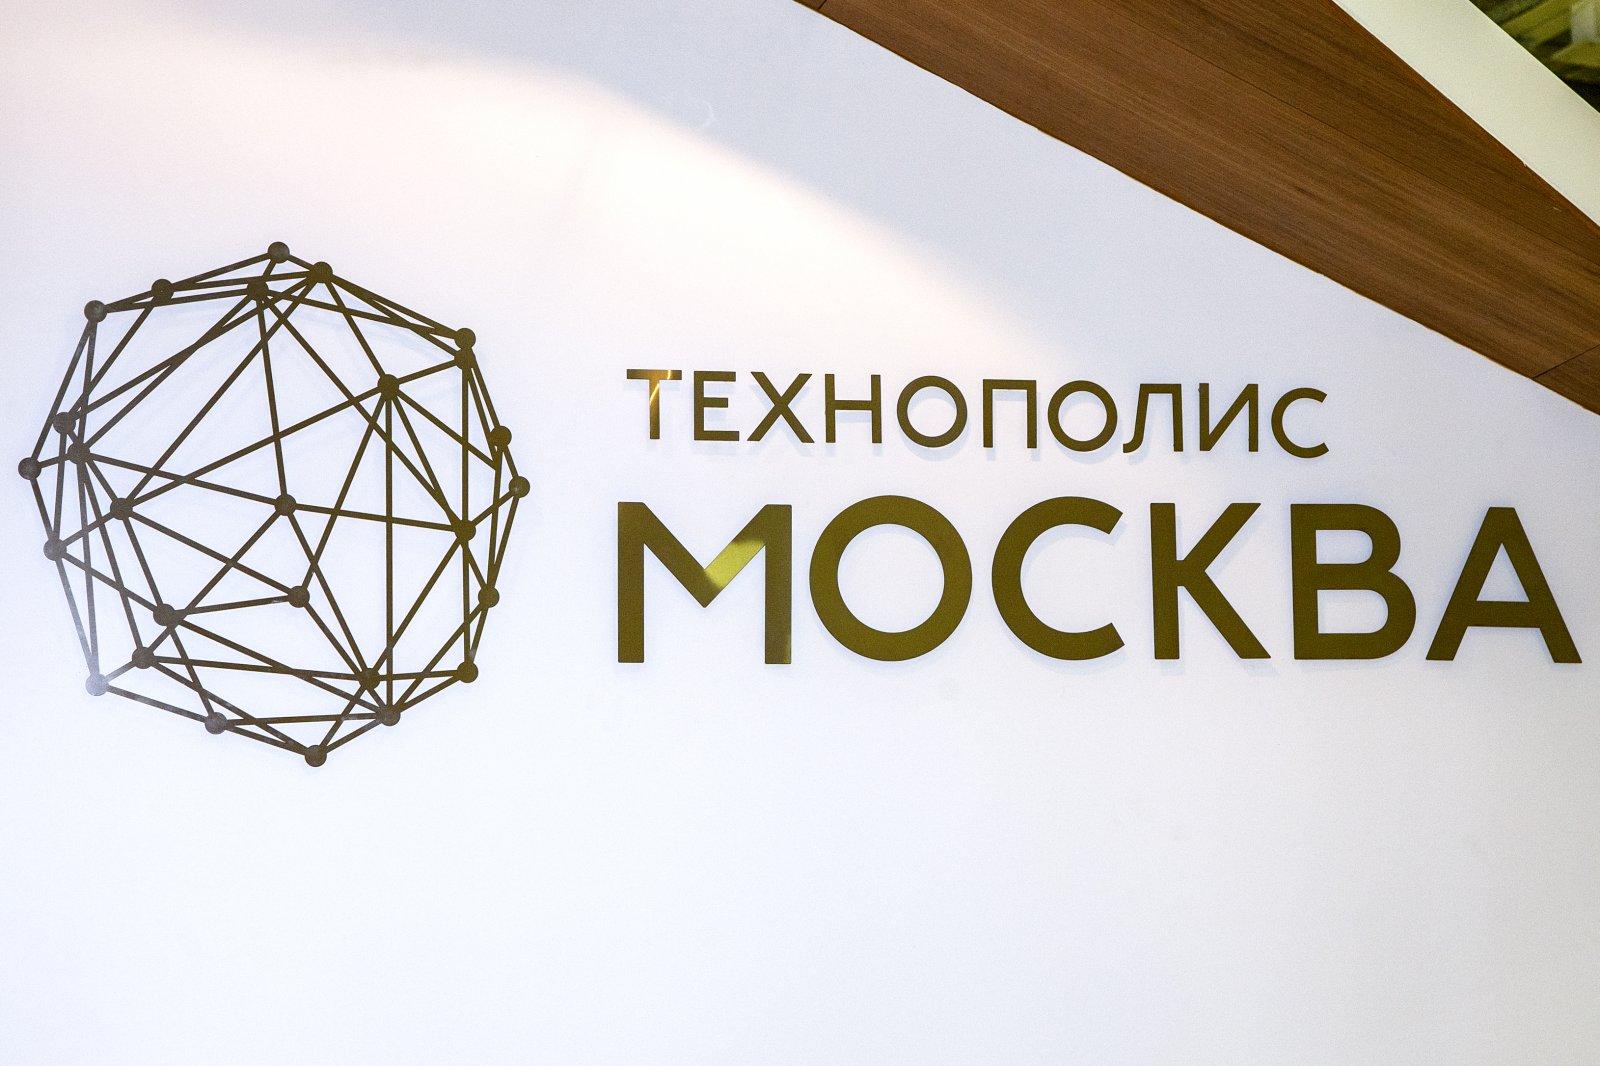 В ОЭЗ «Технополис Москва» началось строительство производства промышленных роботов